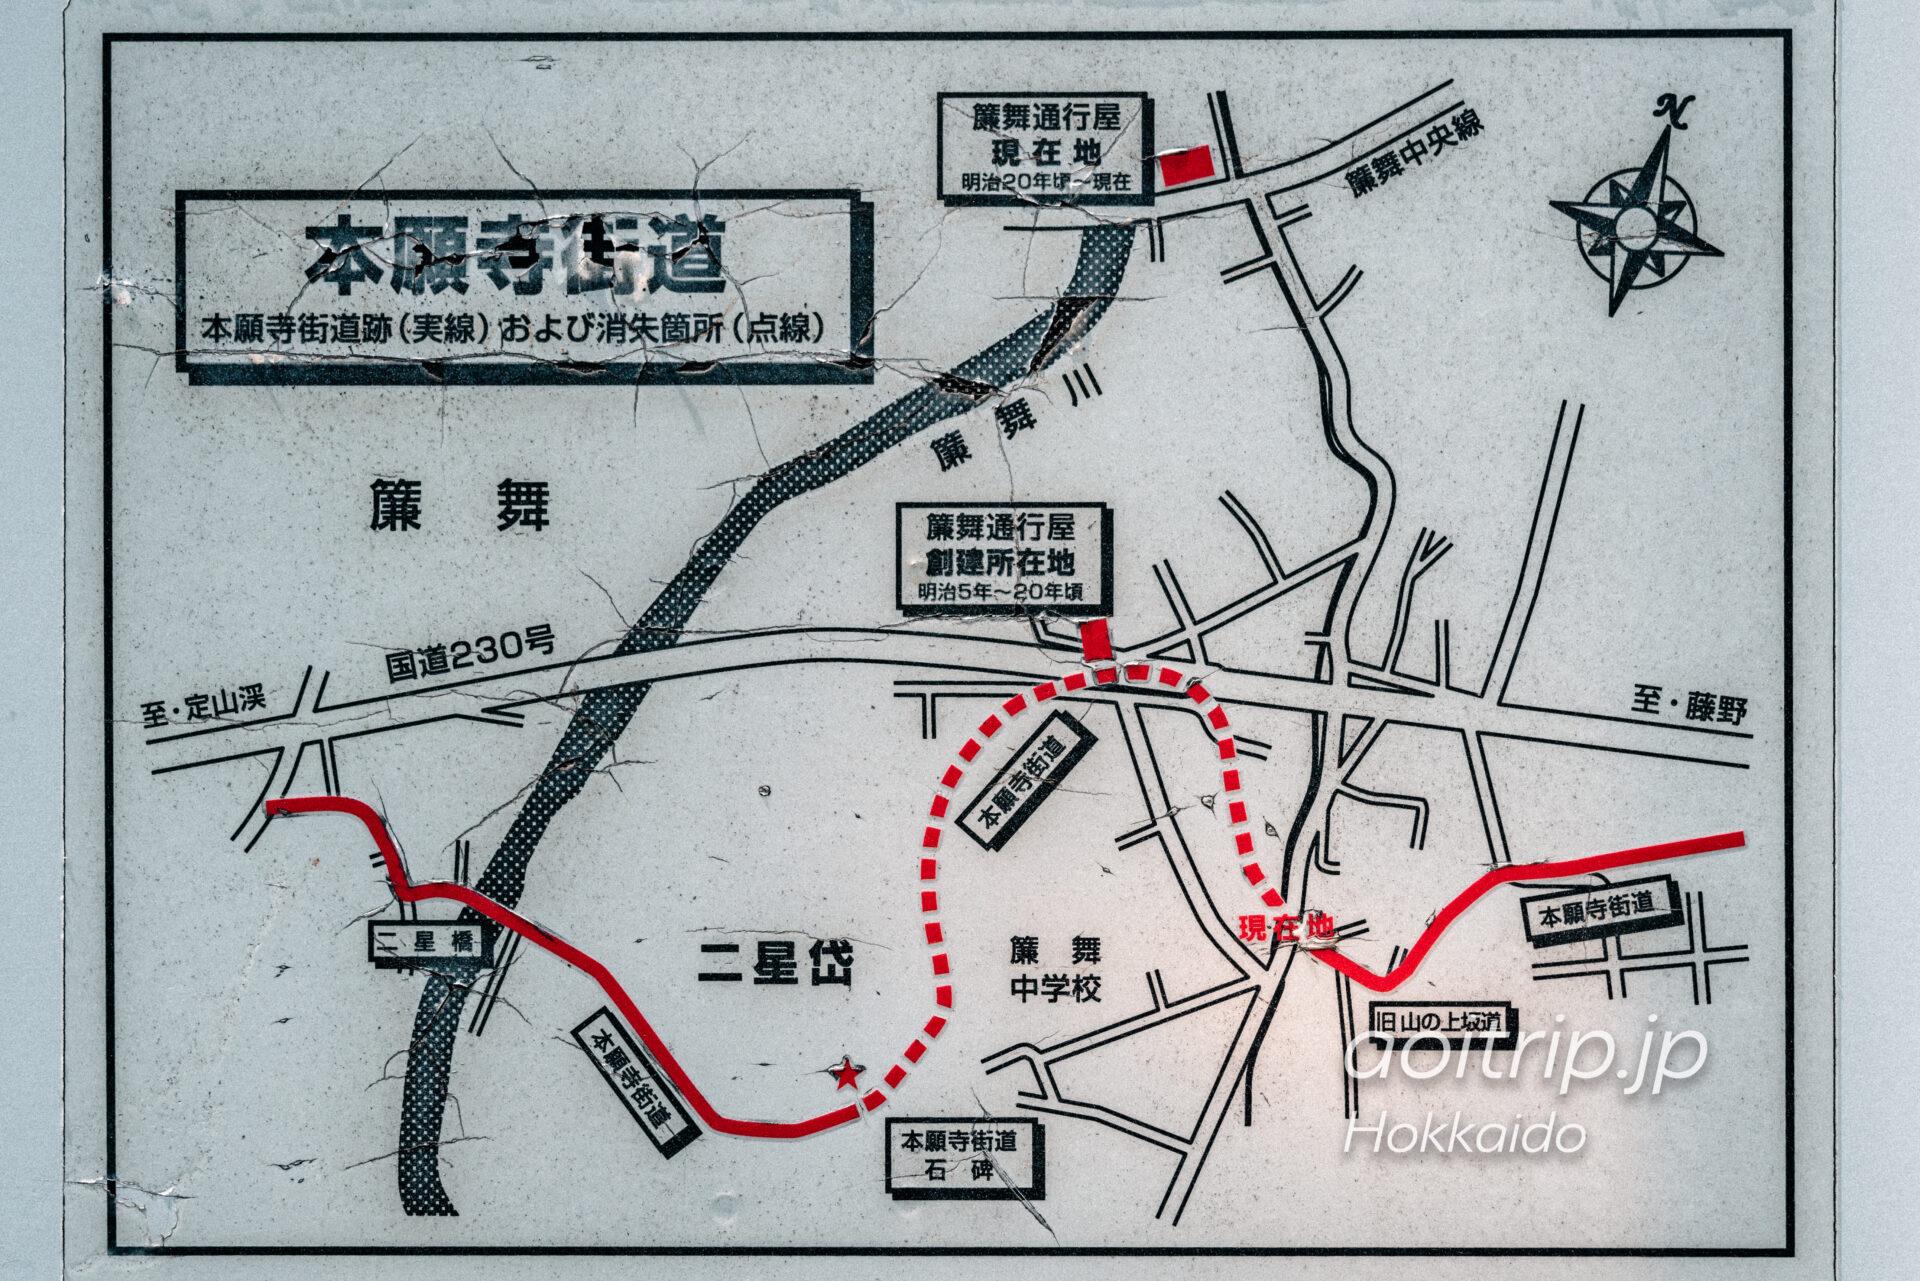 簾舞にある「札幌ふるさと文化百選・本願寺街道」